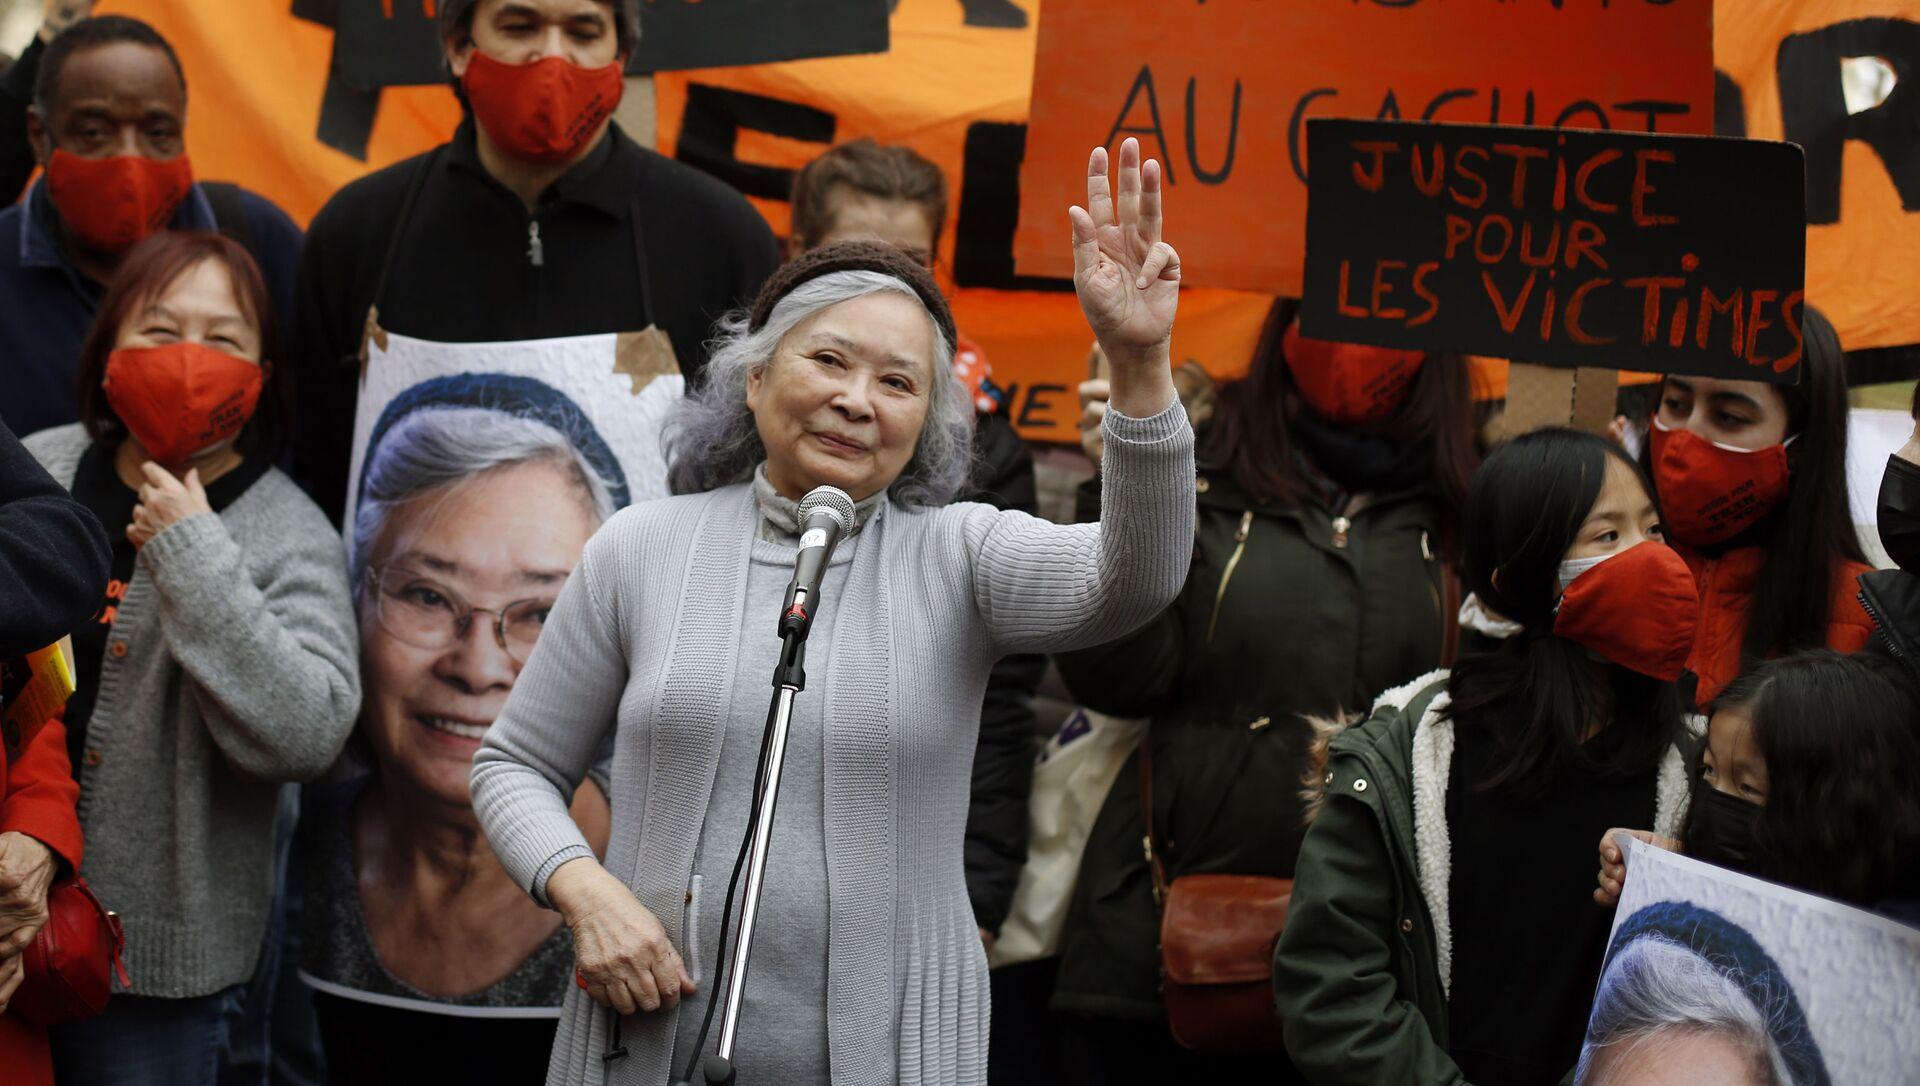 Bà Trần Tố Nga tại cuộc mít tinh ở Paris bày tỏ sự ủng hộ các nạn nhân của chất độc da cam trong chiến tranh Việt Nam. - Sputnik Việt Nam, 1920, 10.05.2021